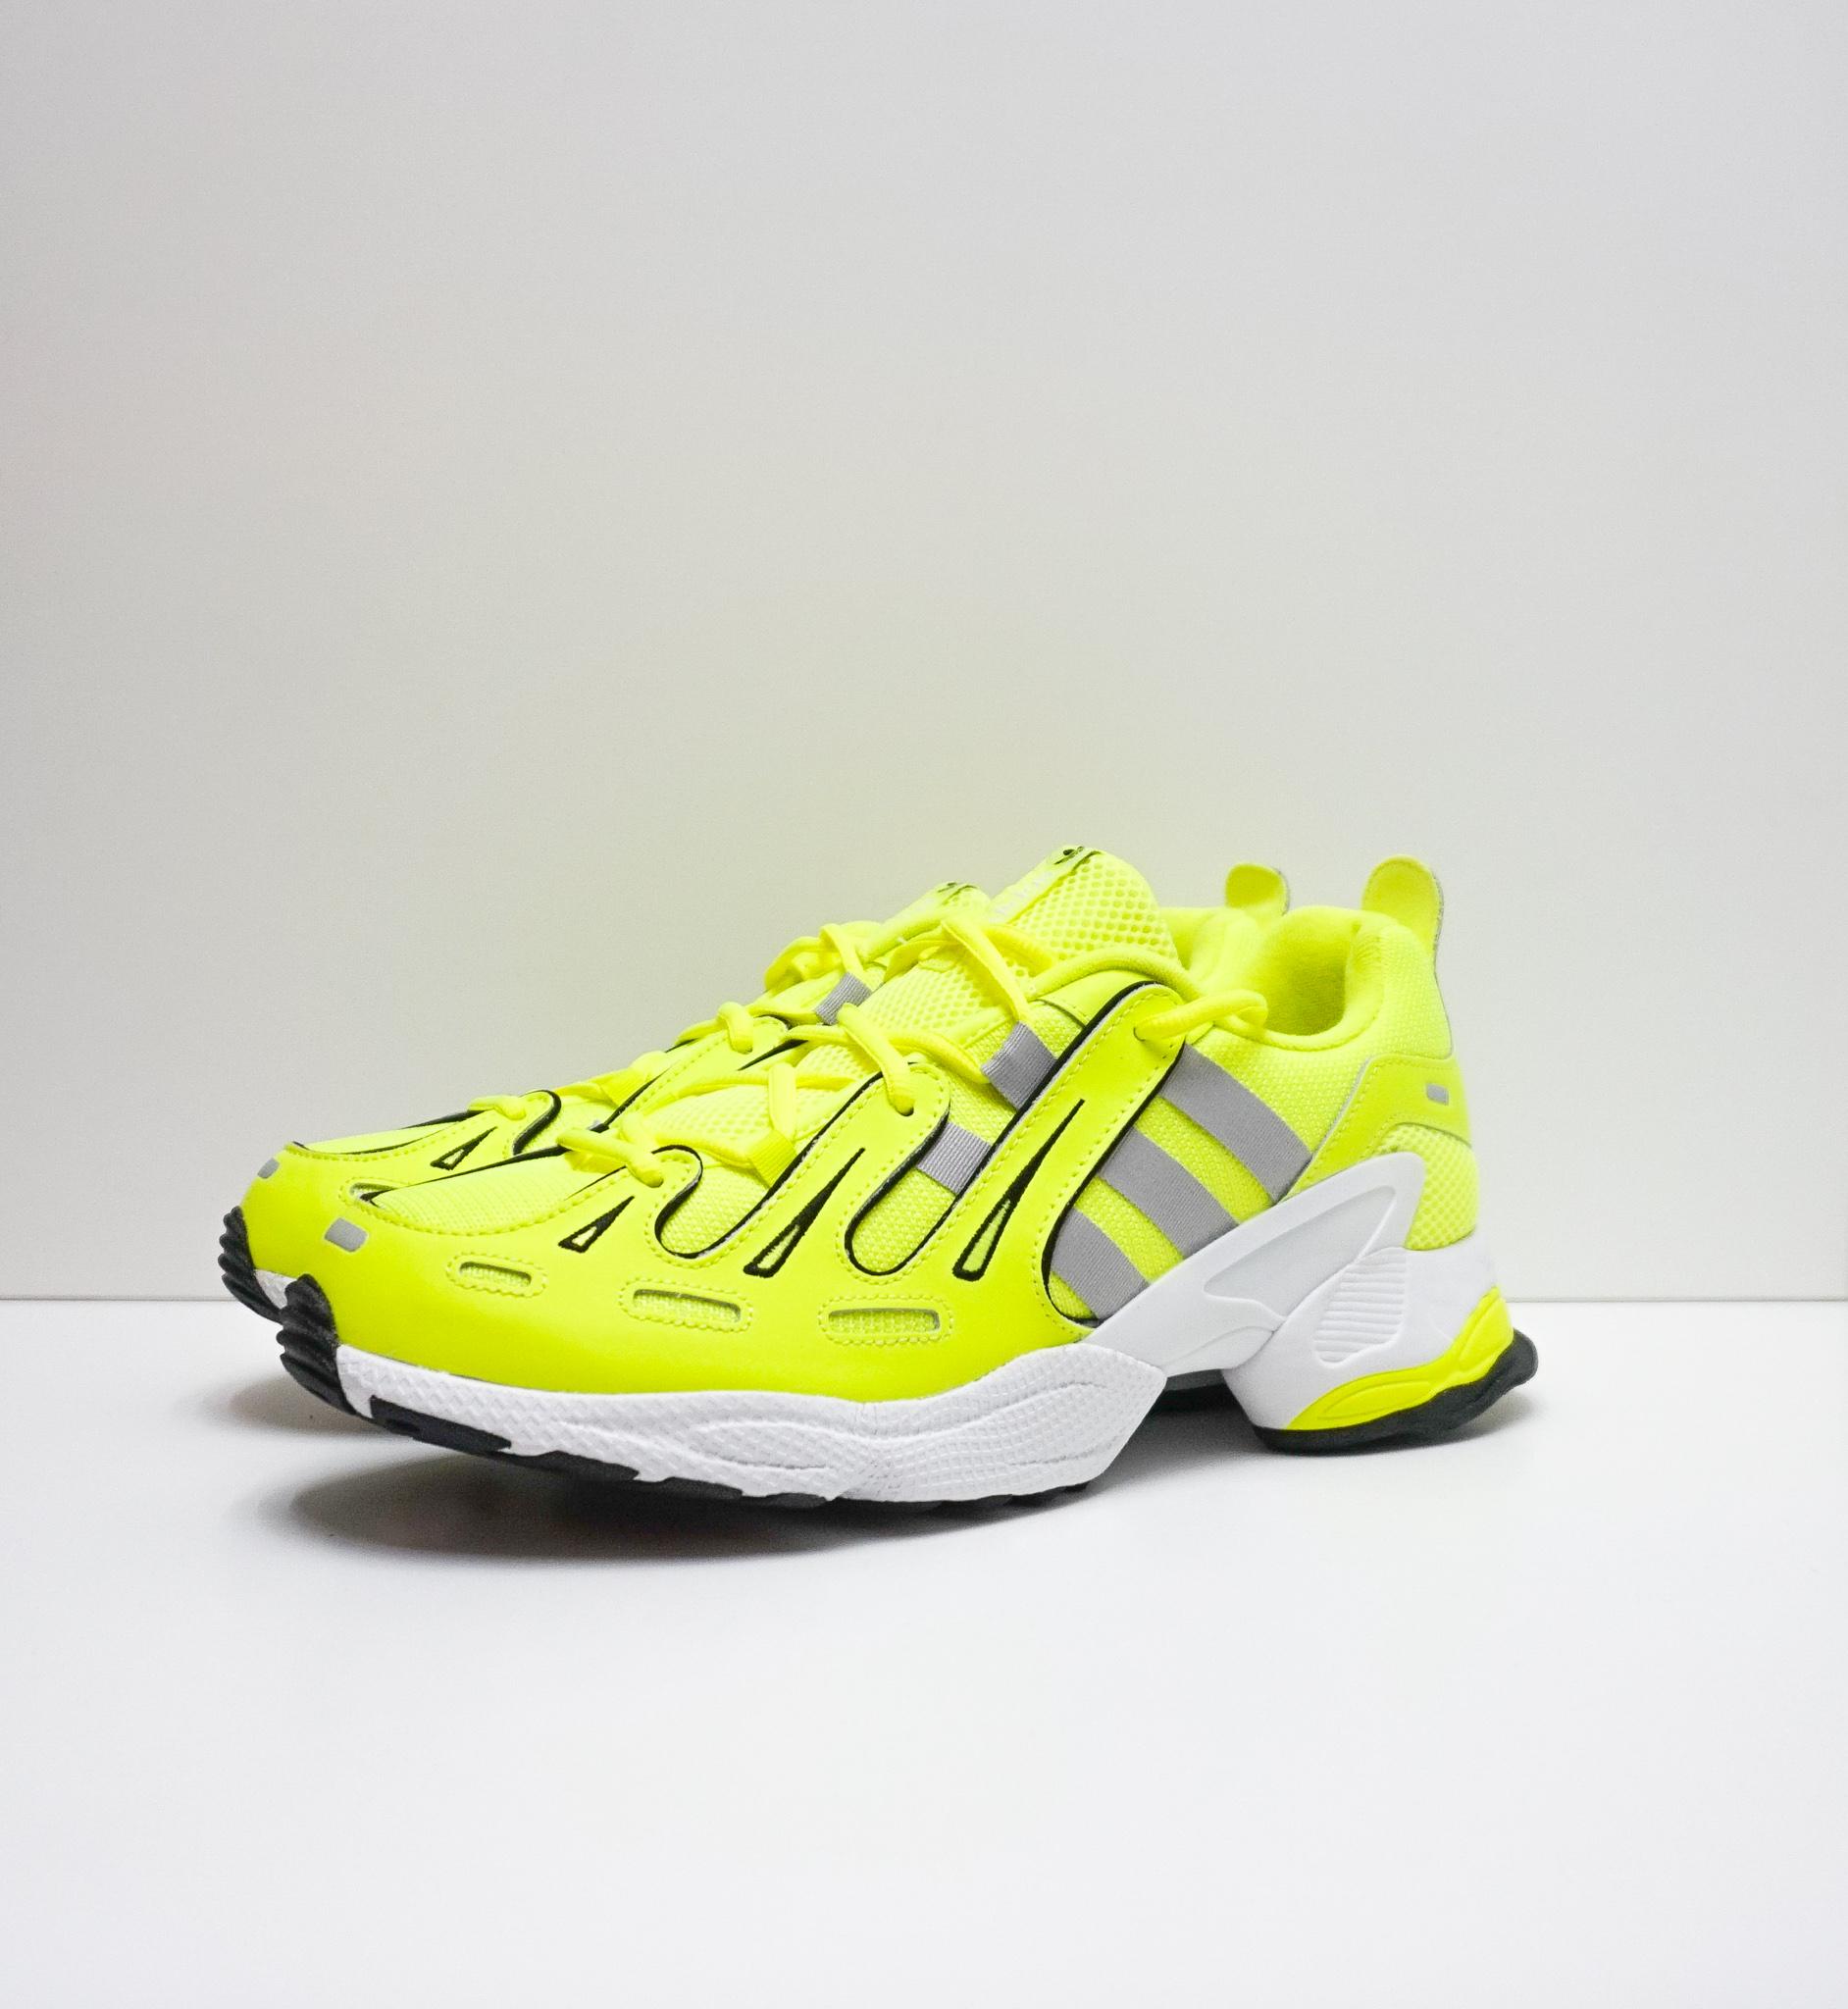 Adidas EQT Gazelle Solar Yellow